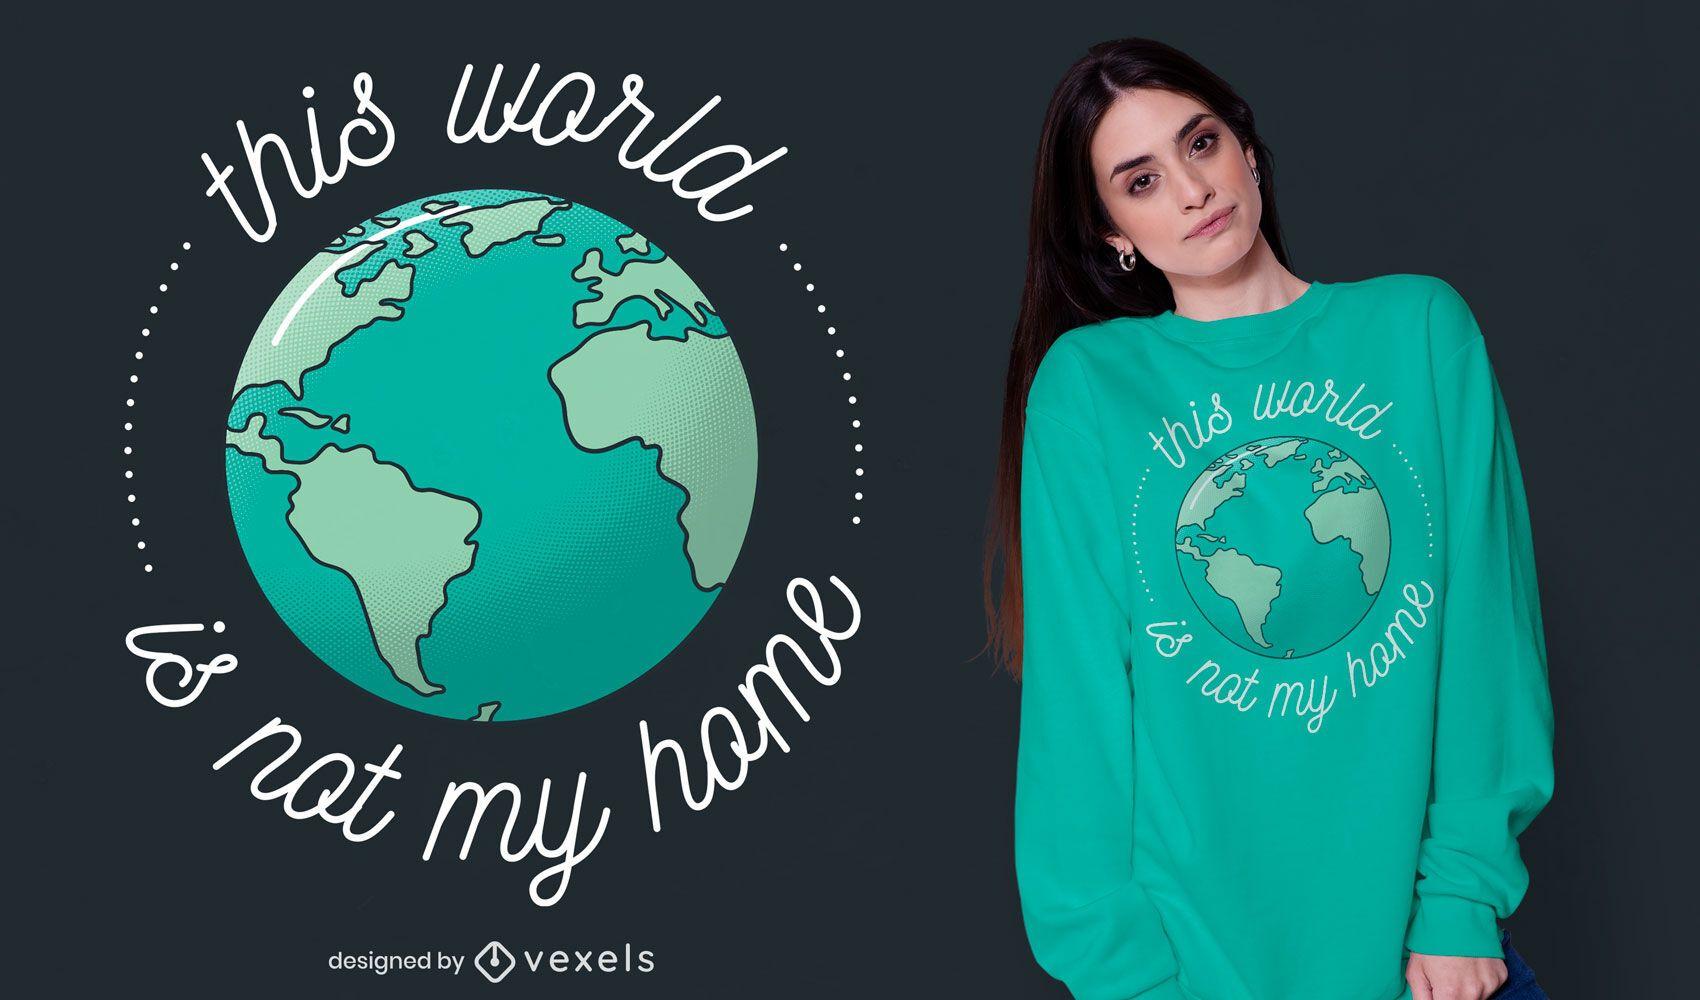 Not my home t-shirt design